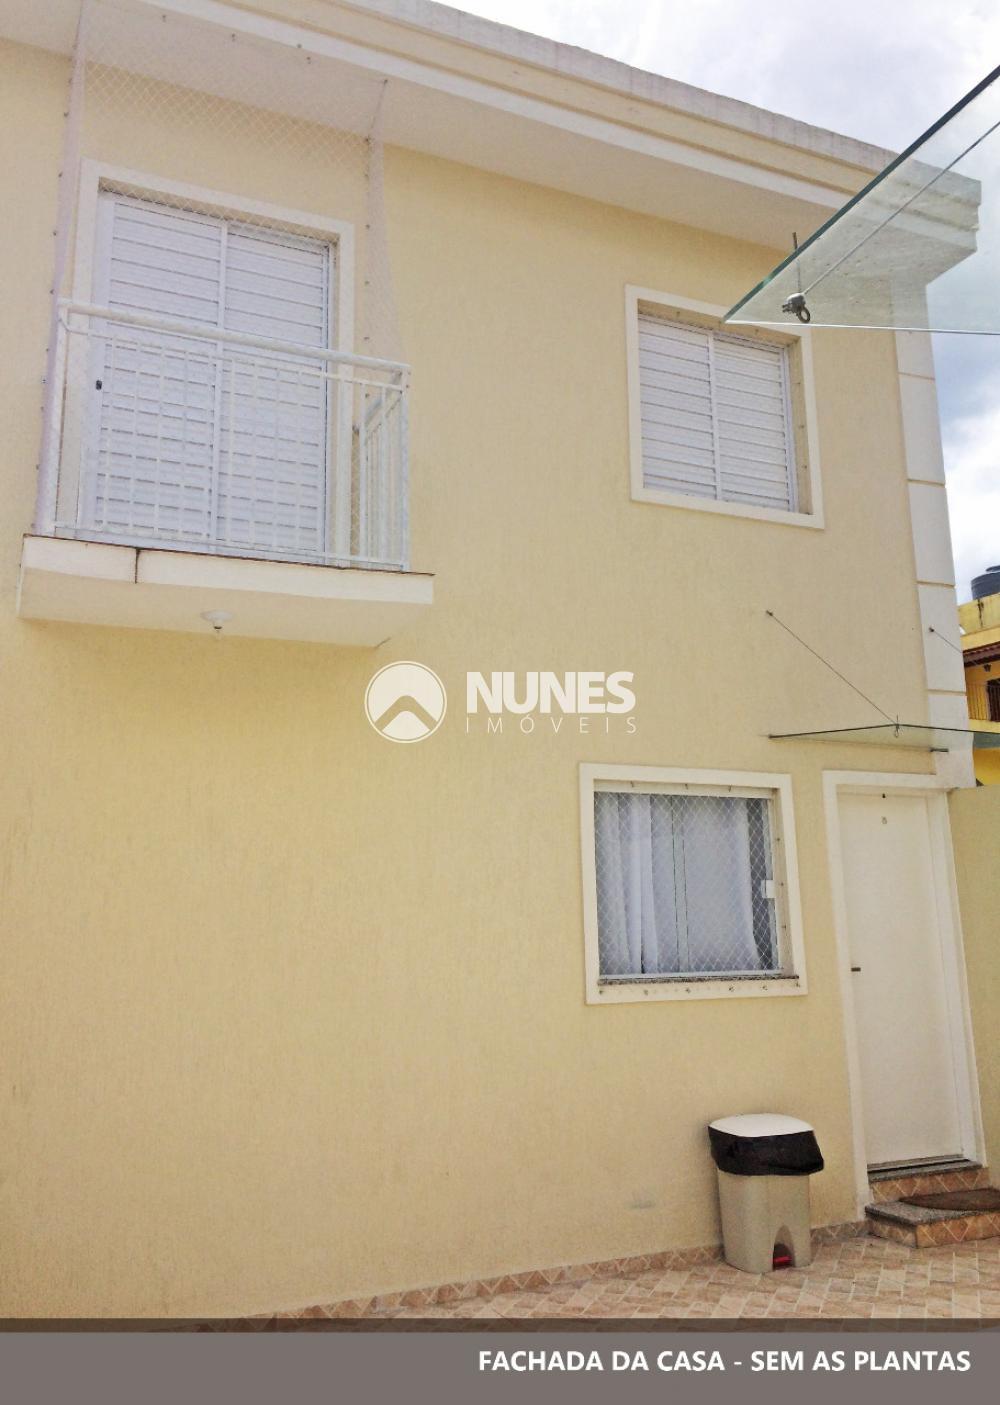 Comprar Casa / Sobrado em São Paulo R$ 340.000,00 - Foto 7